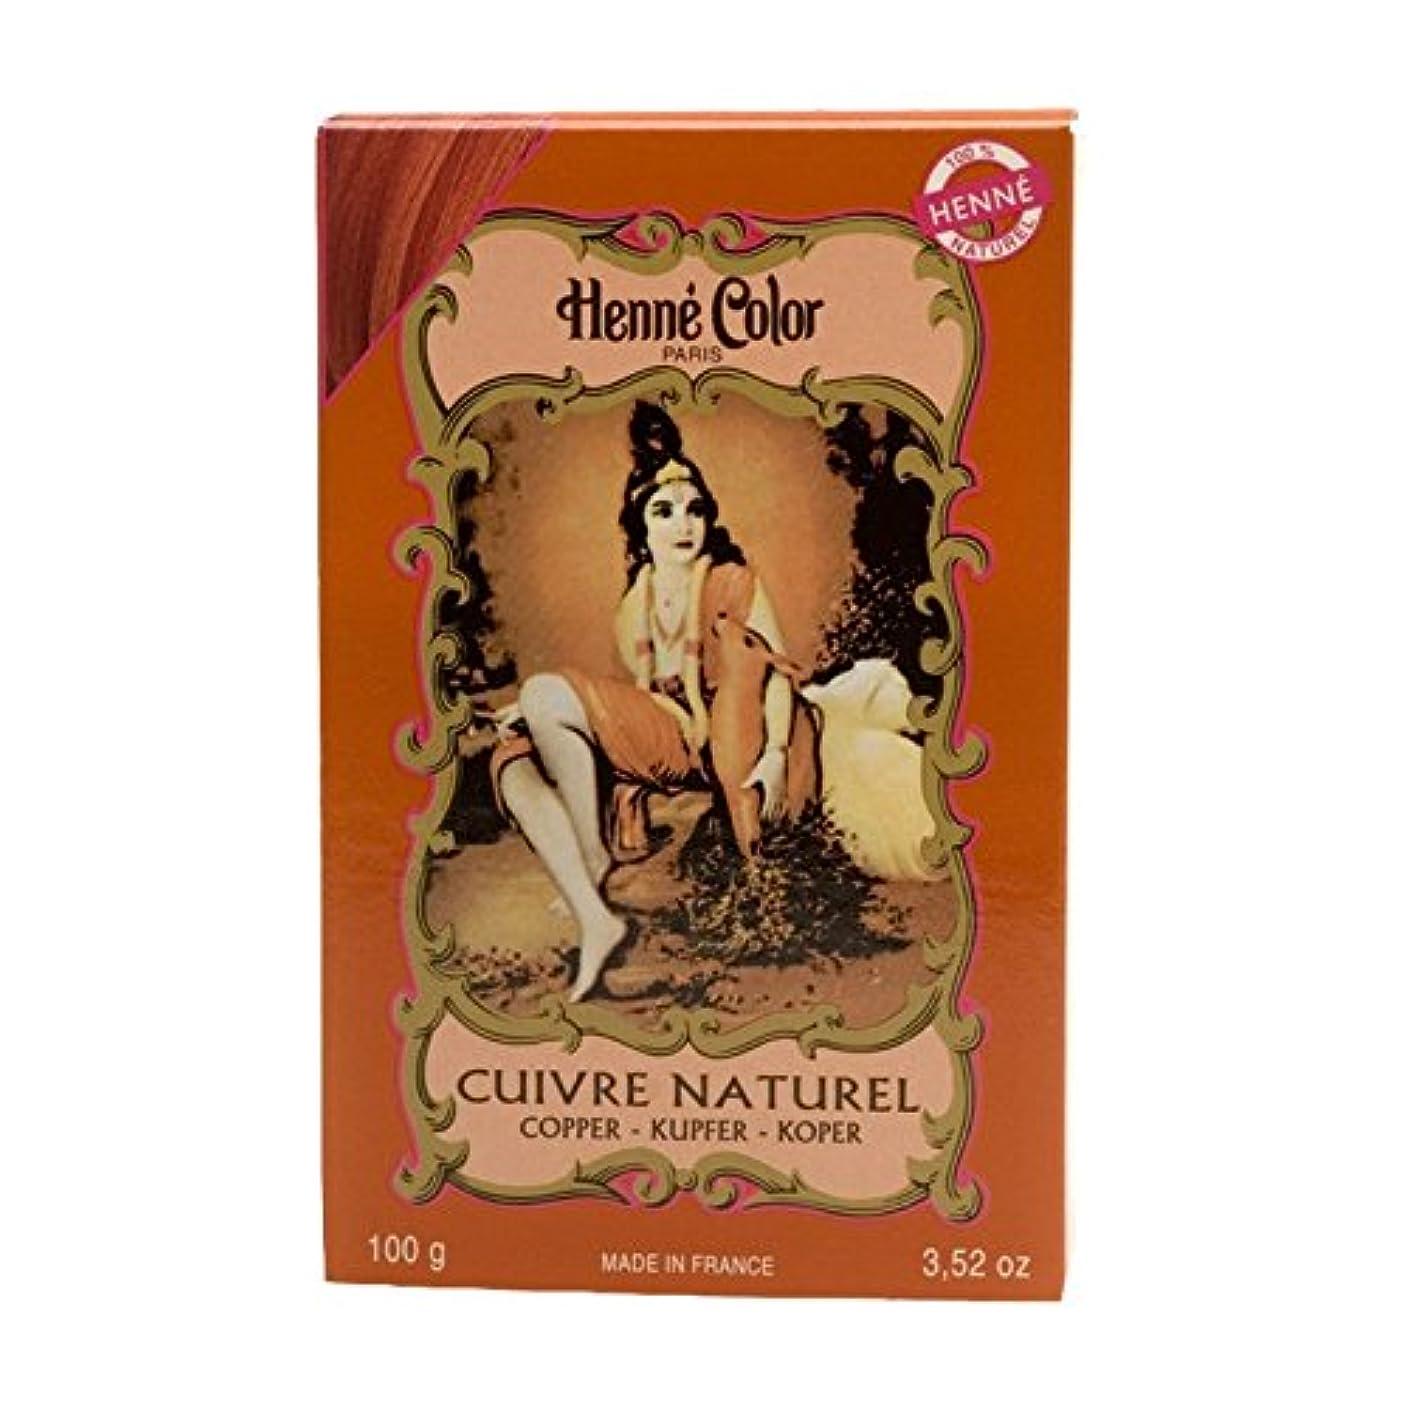 急勾配の信念唯一ヘンカラーヘナパウダーヘアカラー銅赤100グラム - Henne Color Henna Powder Hair Colour Copper Red 100g (Henne Color) [並行輸入品]